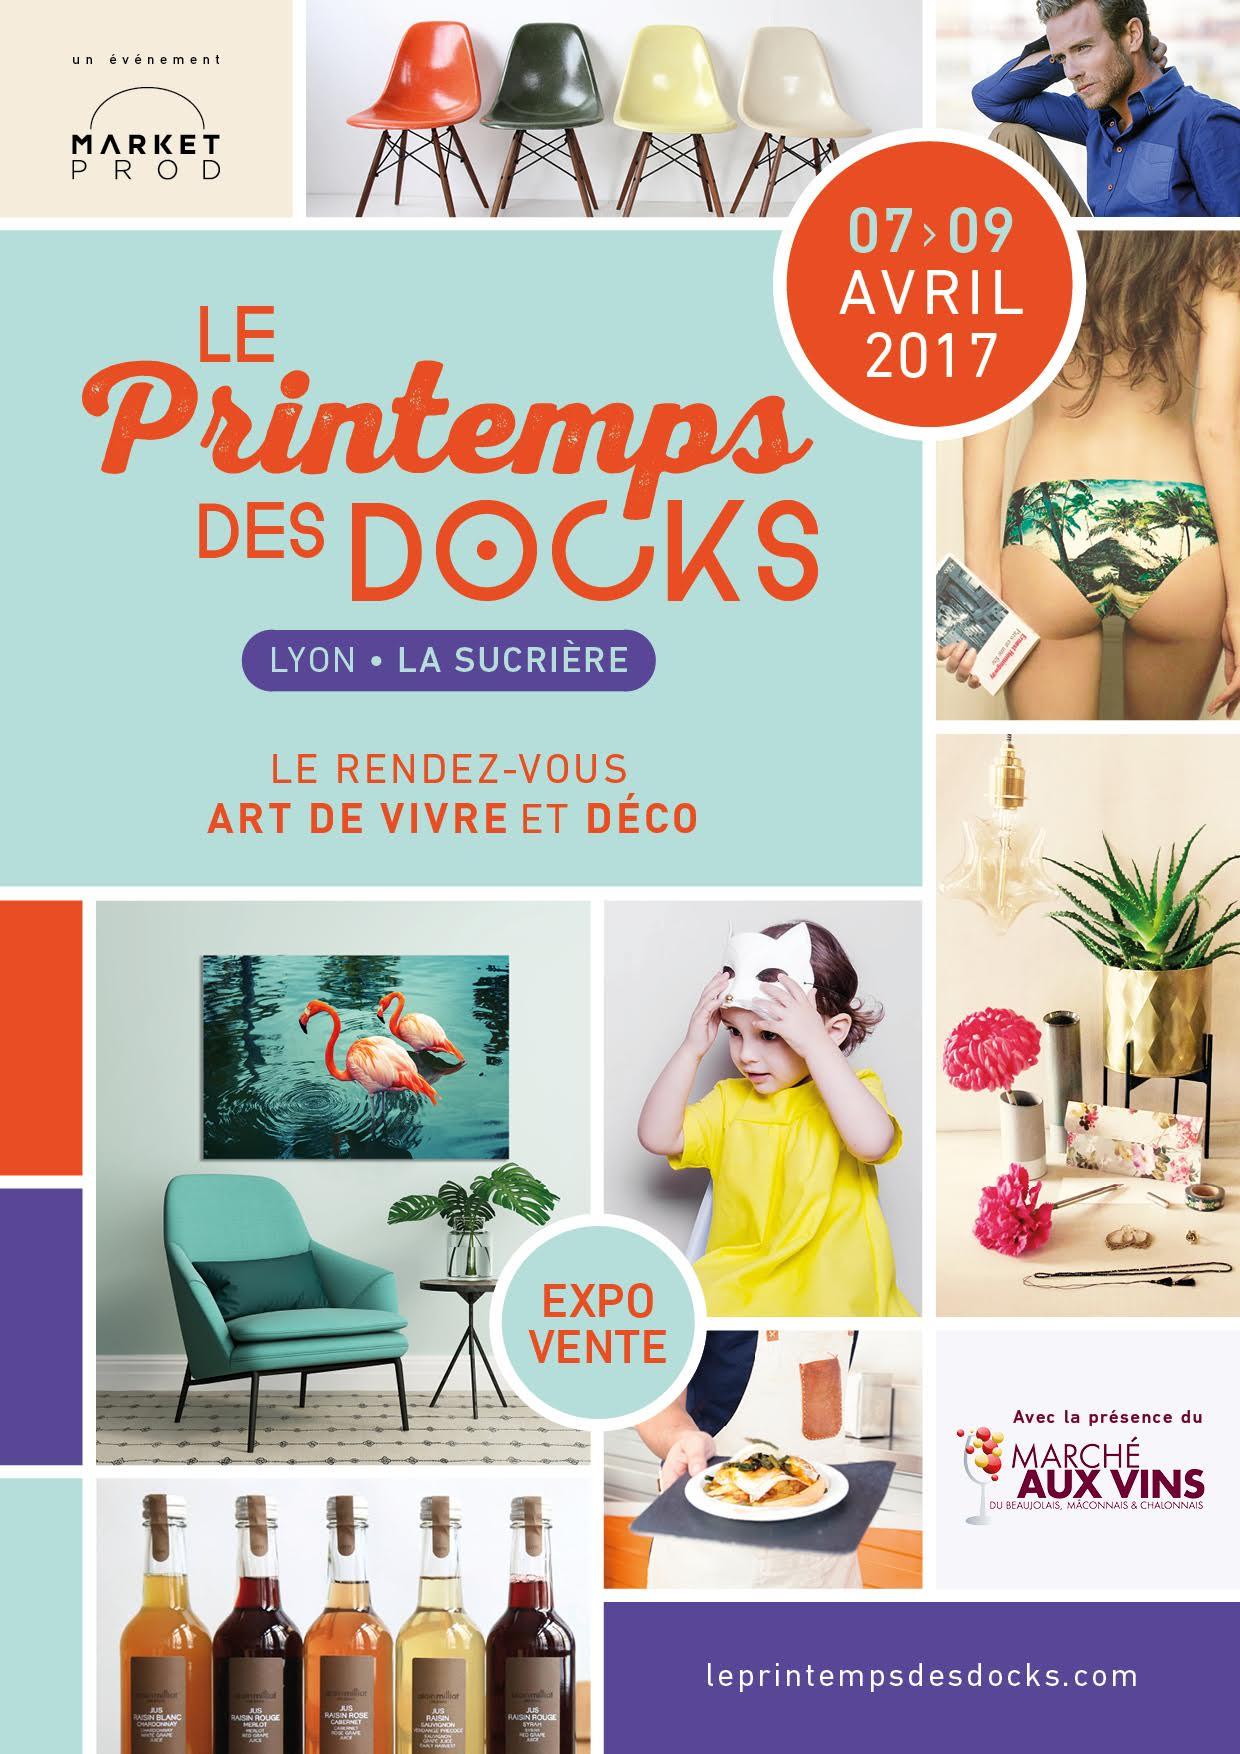 Le Printemps des Docks 2017 à la Sucrière Lyon